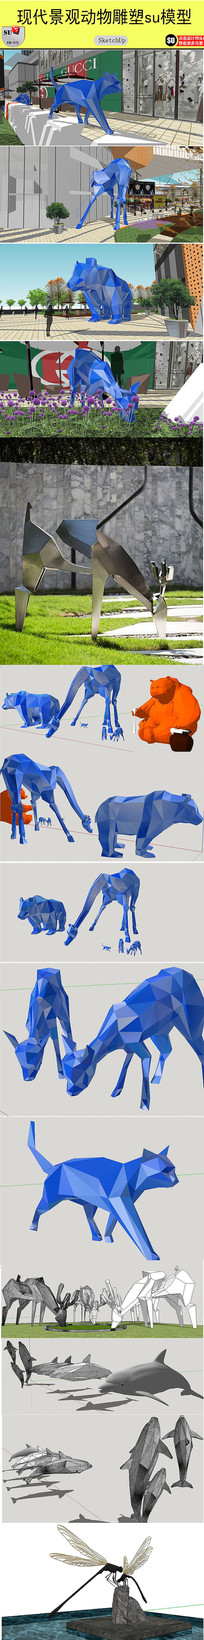 现代动物雕塑模型